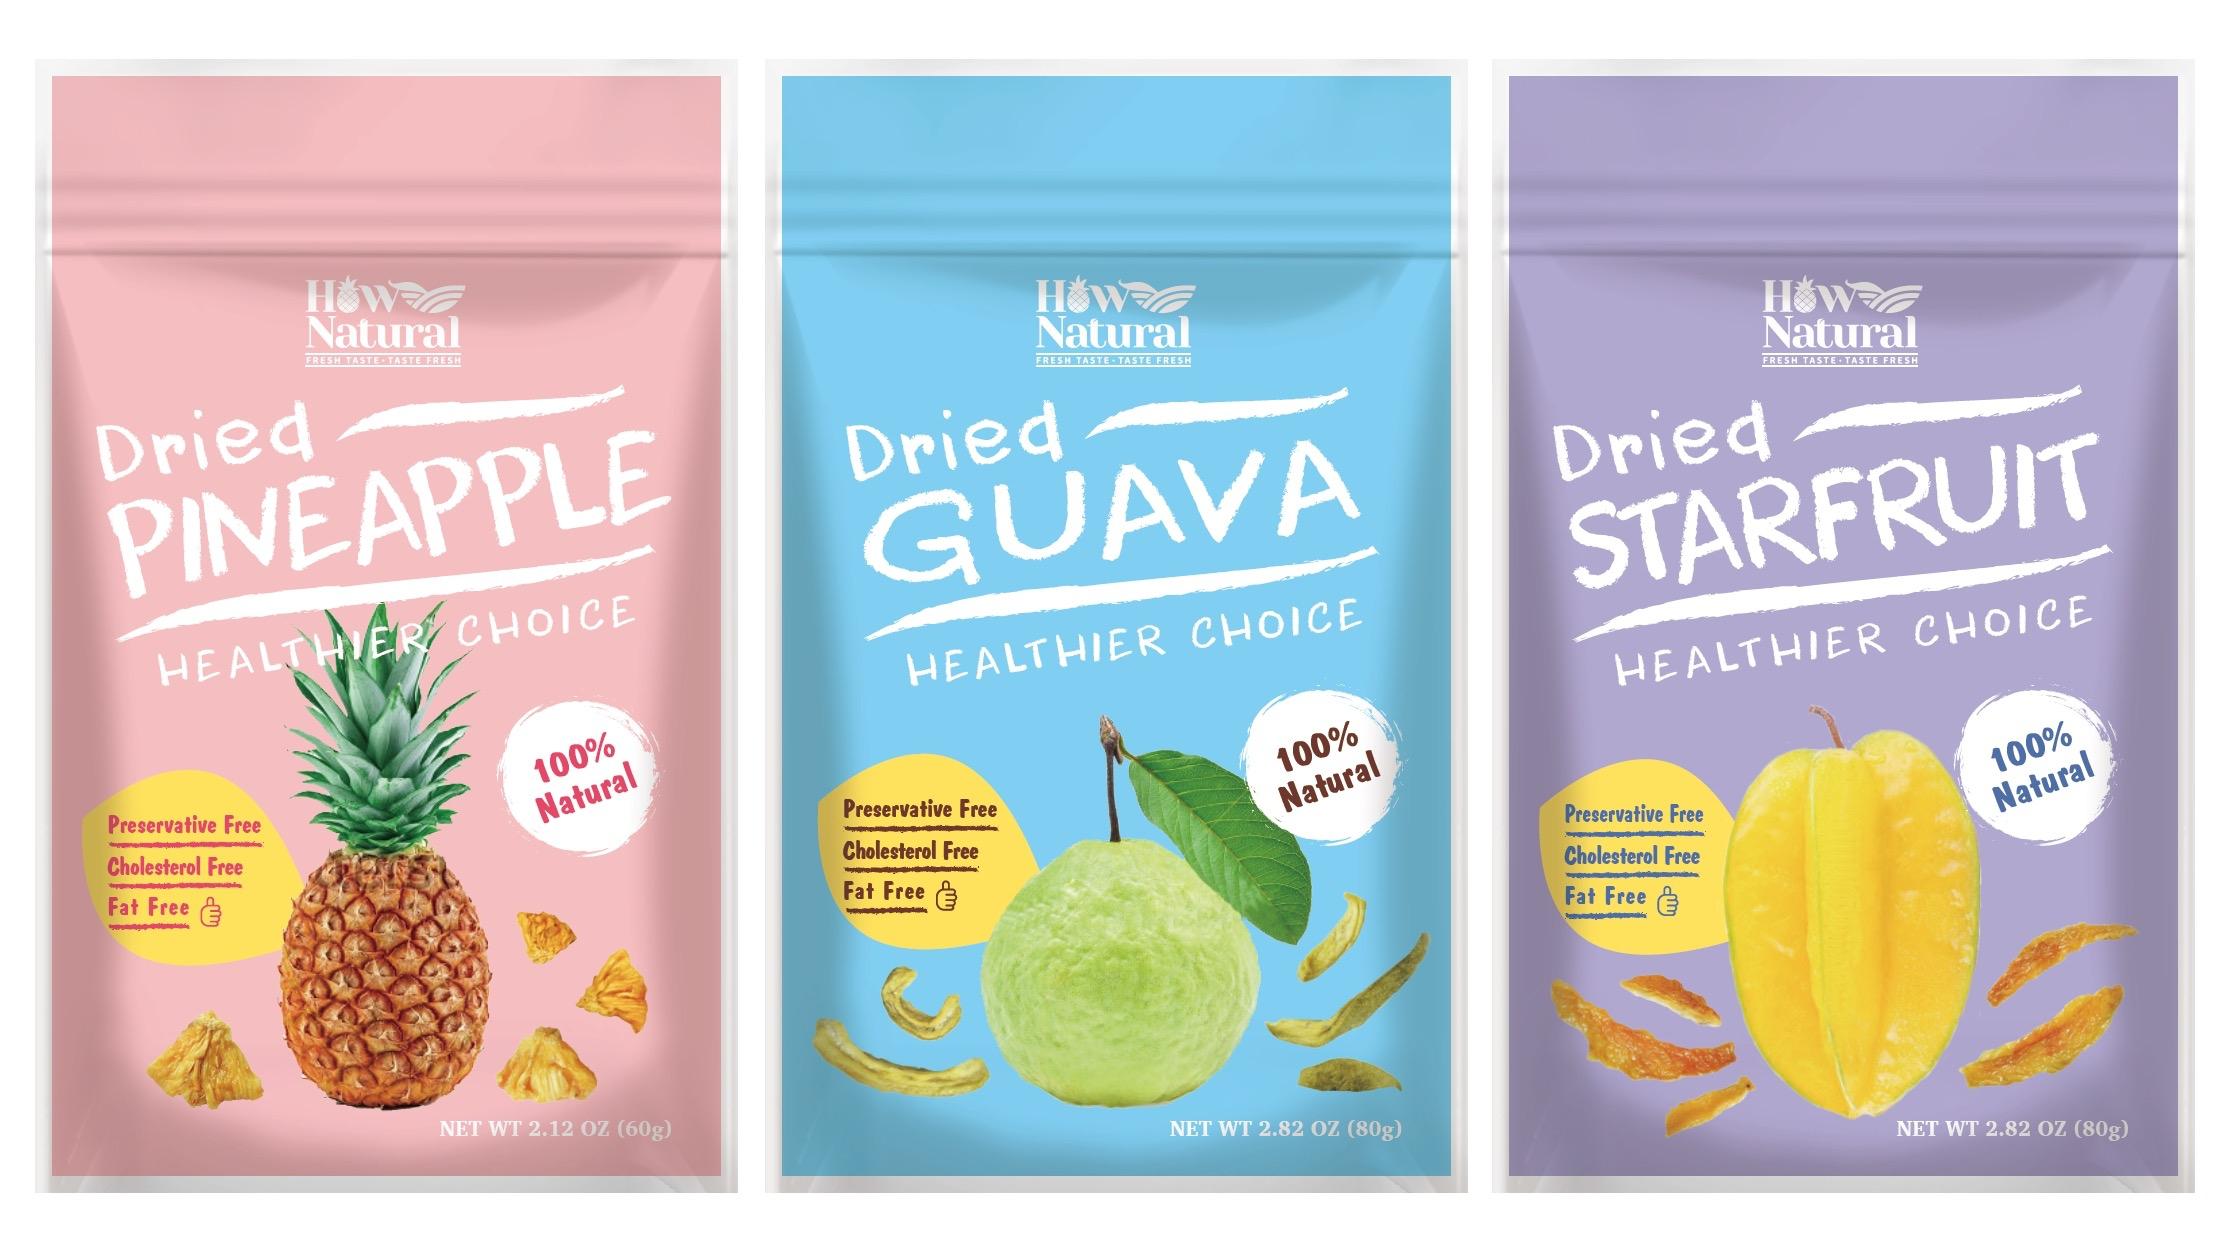 好鮮甜 HowNatural 果乾產品包裝設計